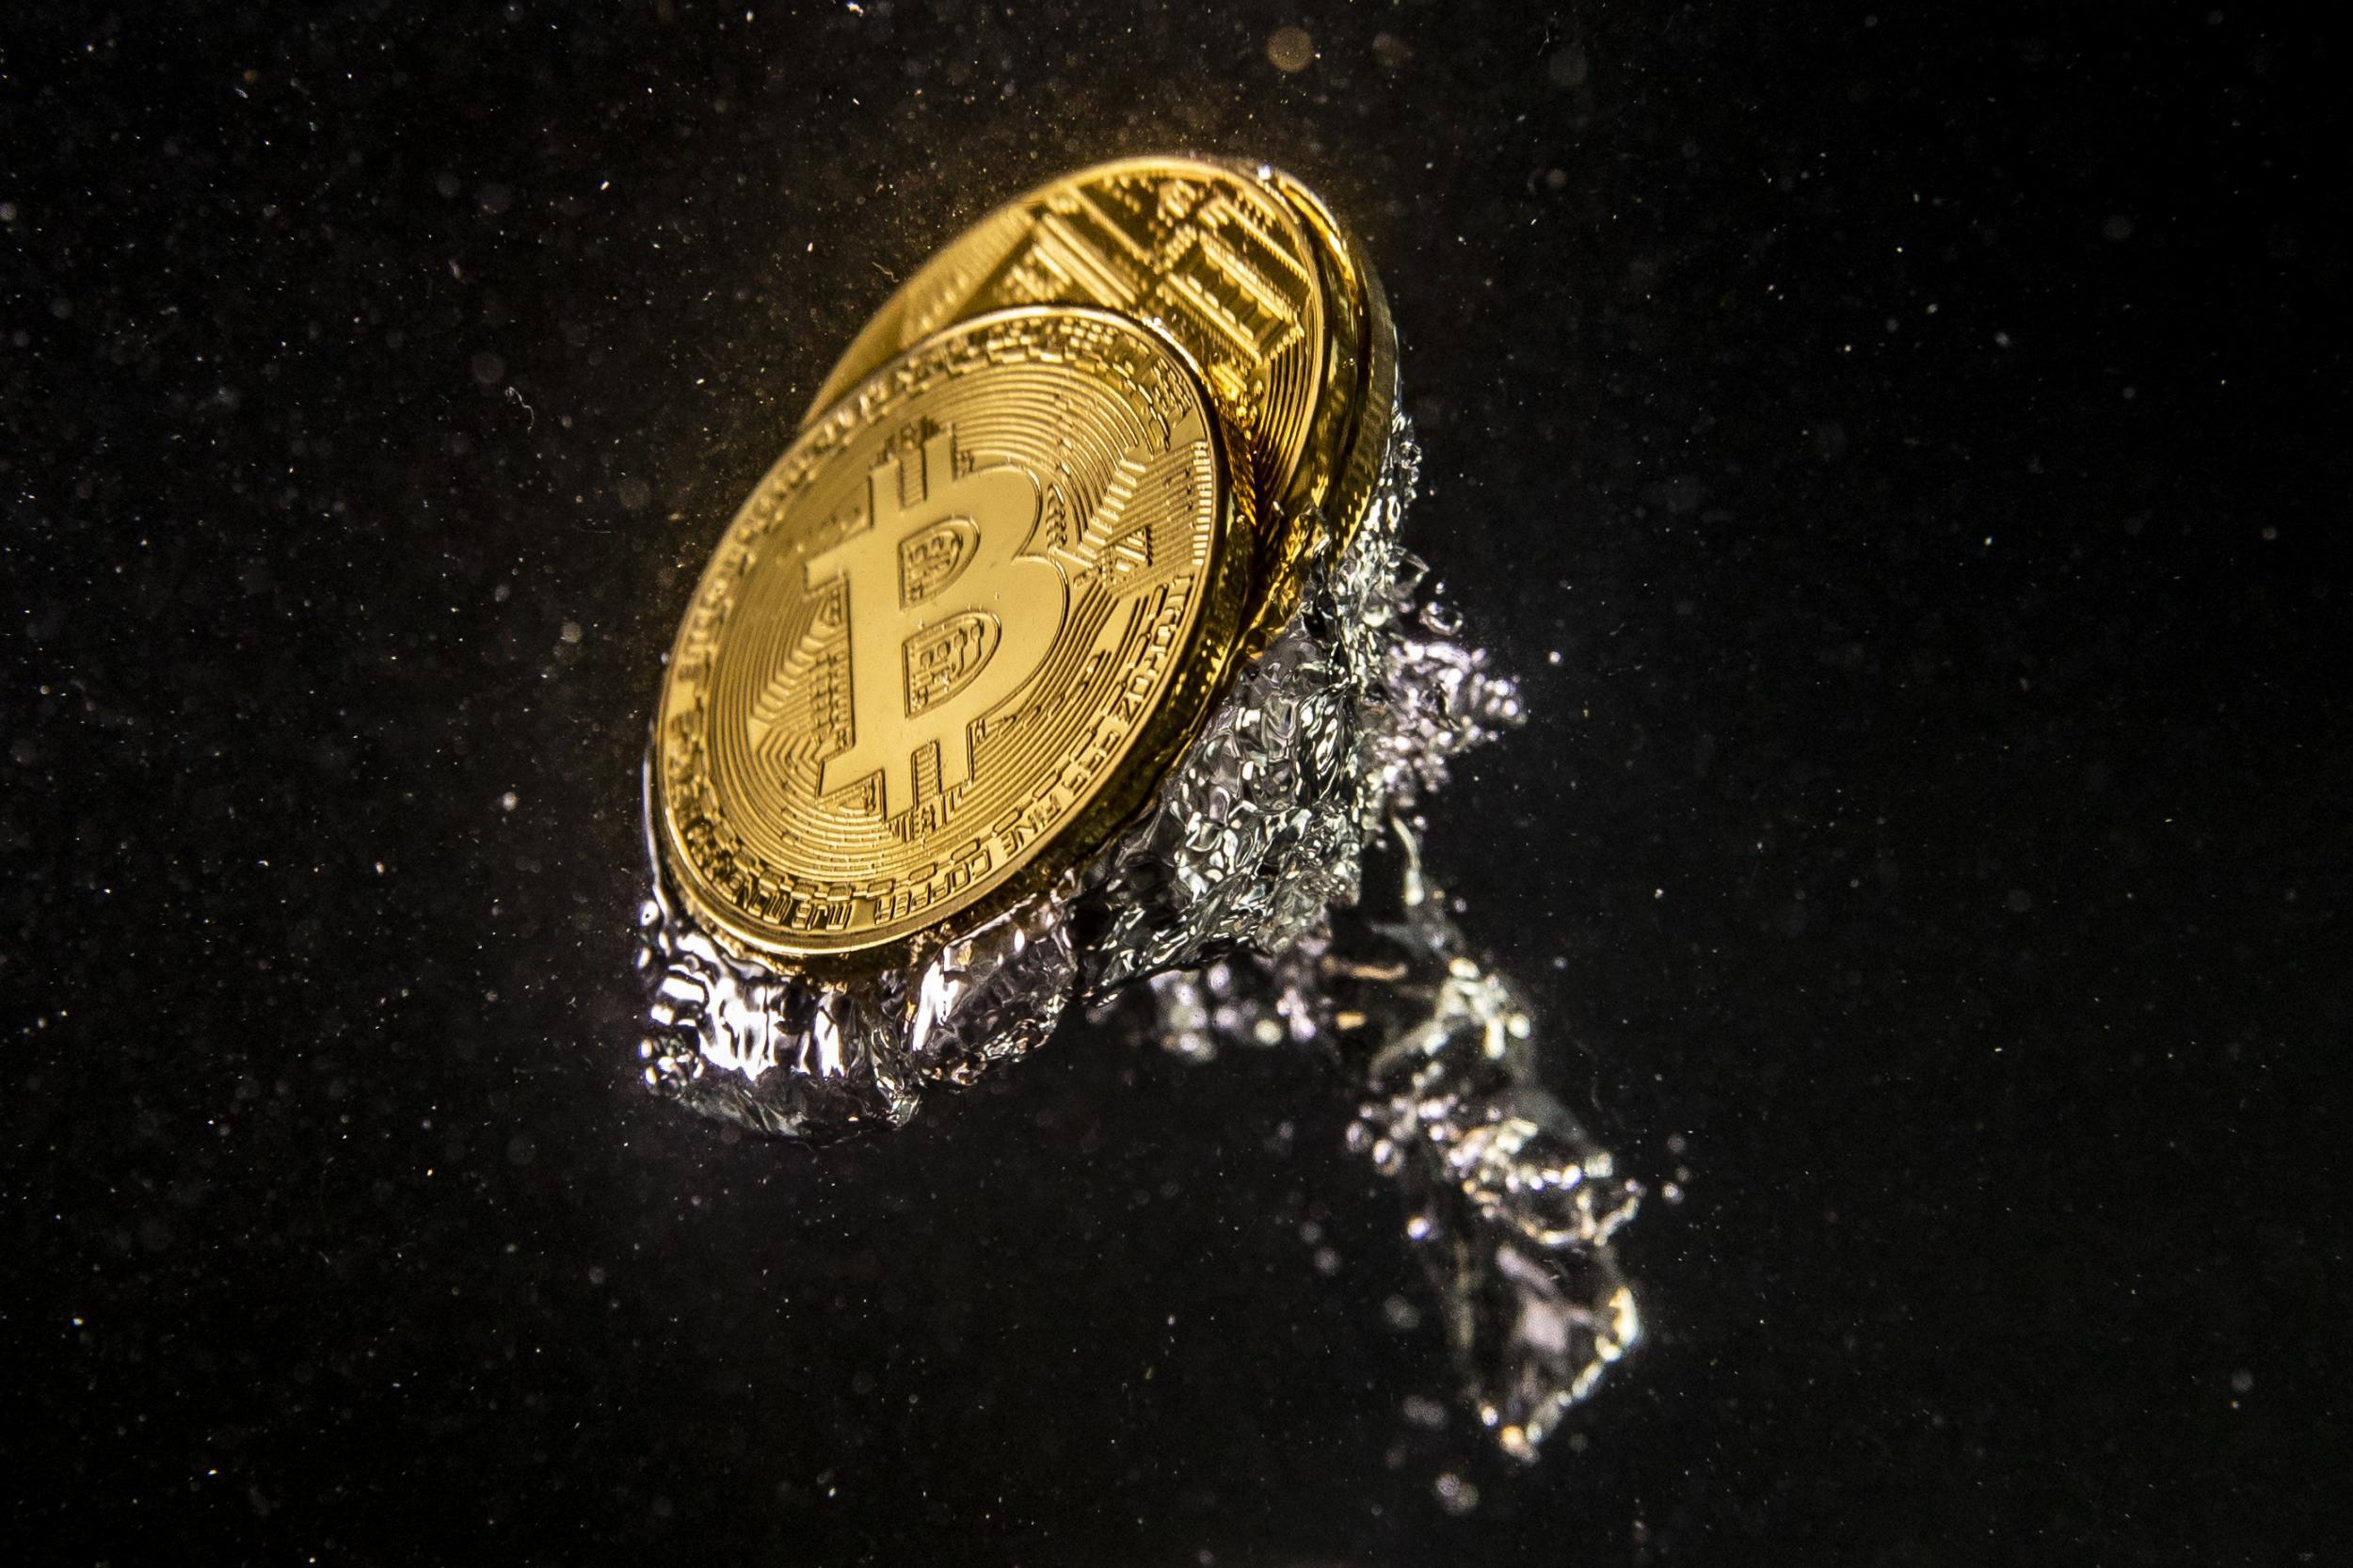 Bitcoin membagi dua menjelaskan: Apa itu acara cryptocurrency dan apakah itu akan meningkatkan harga?